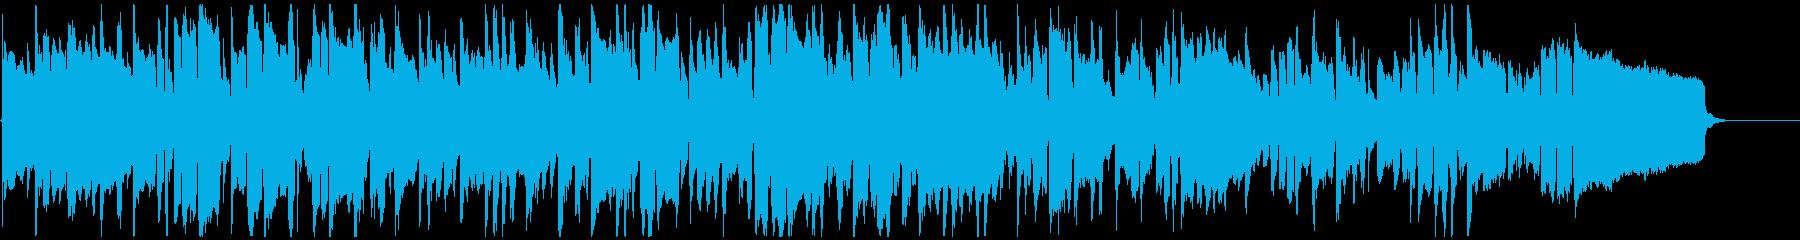 メランコリックでアンニュイなリコーダー曲の再生済みの波形